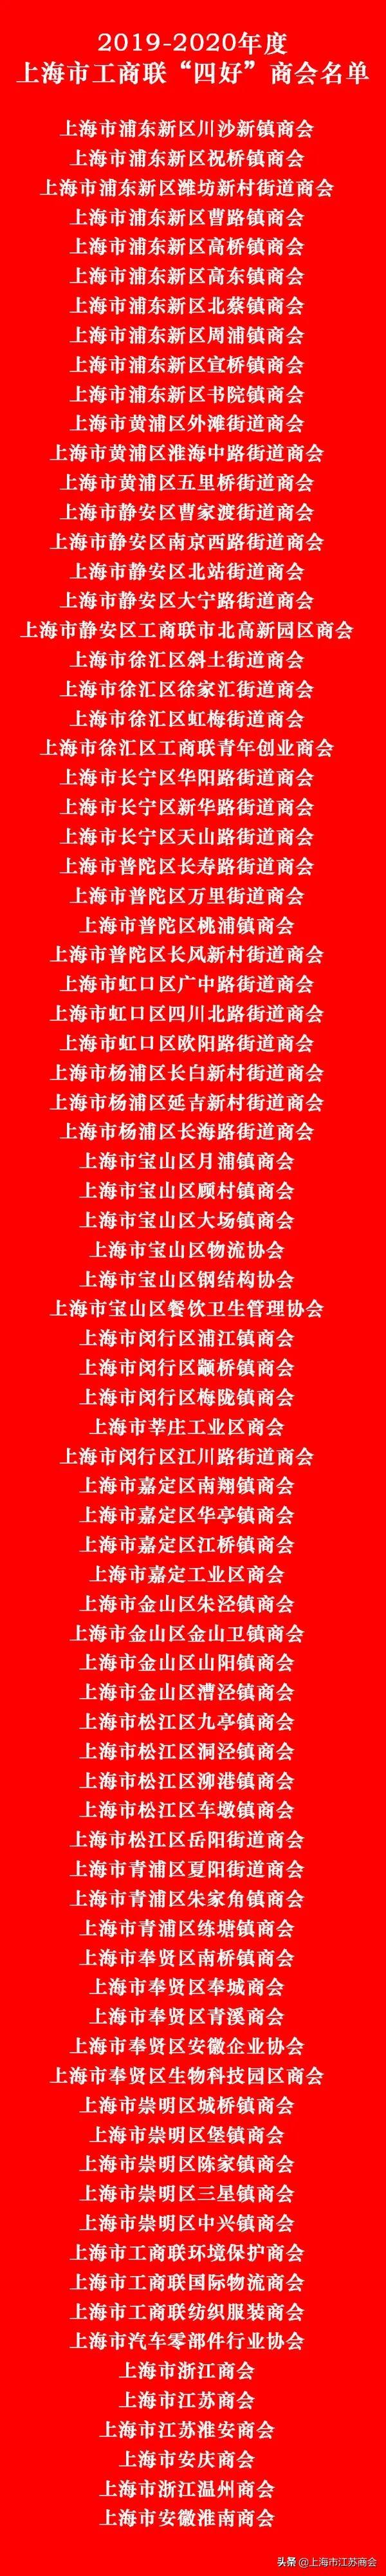 """上海市江苏商会荣获2019-2020上海市工商联""""四好""""商会"""